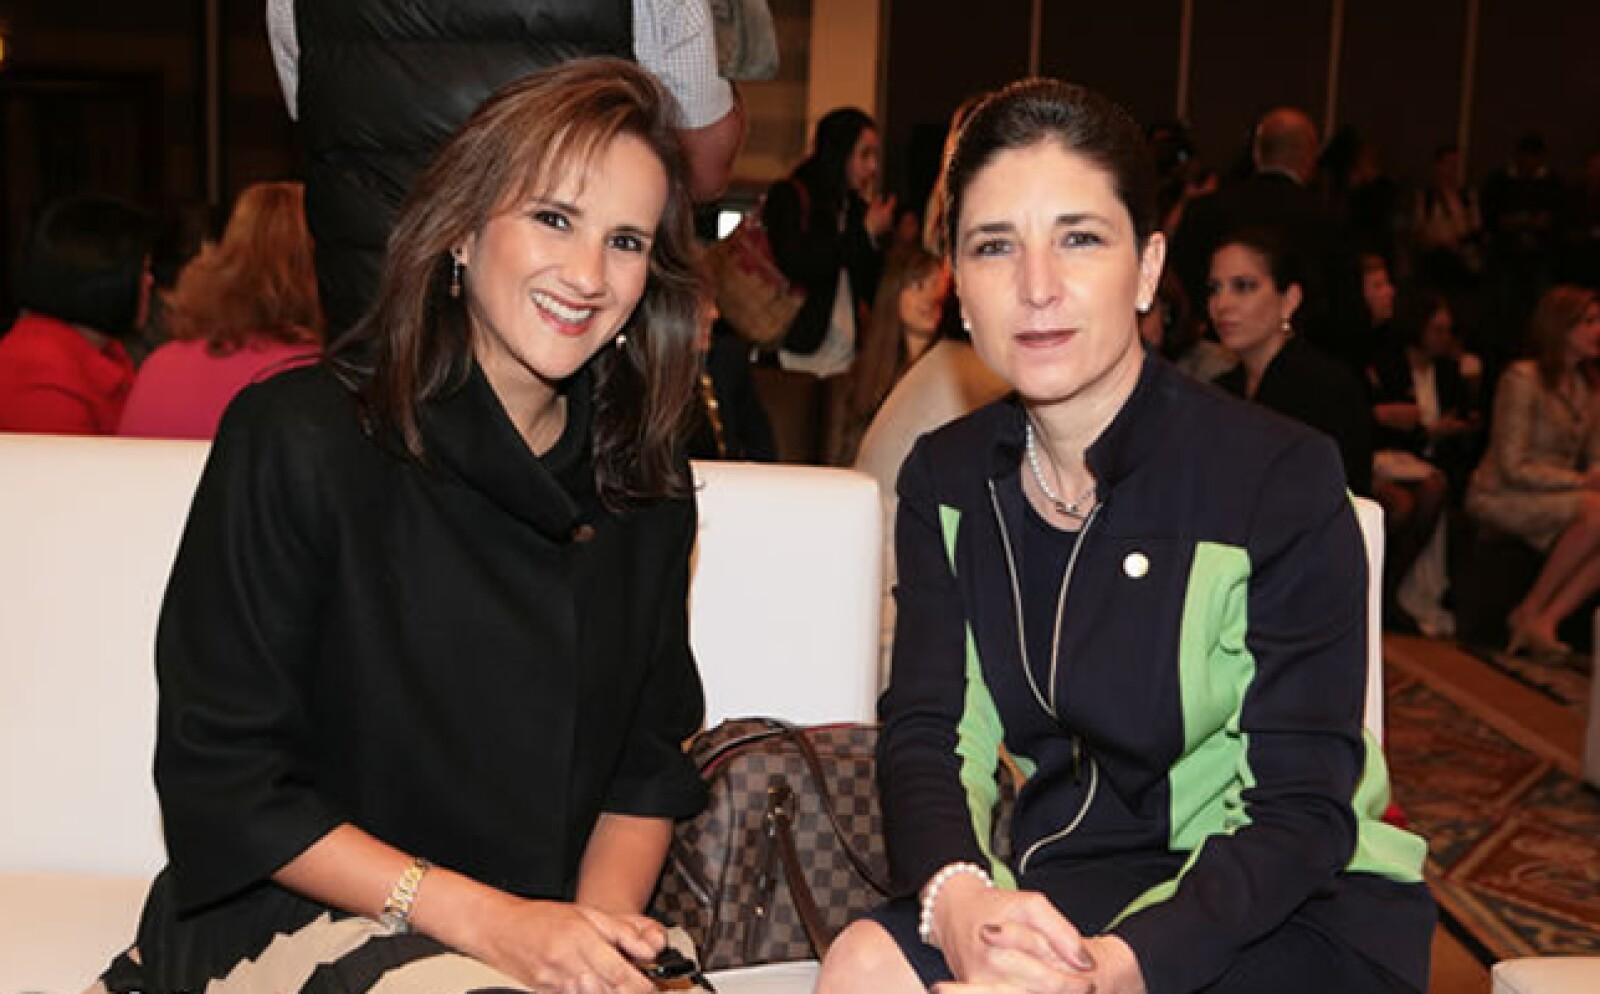 Carmina Abad, directora general y presidenta del consejo de administración de Metlife México, con Cecilia Vega. (der.)